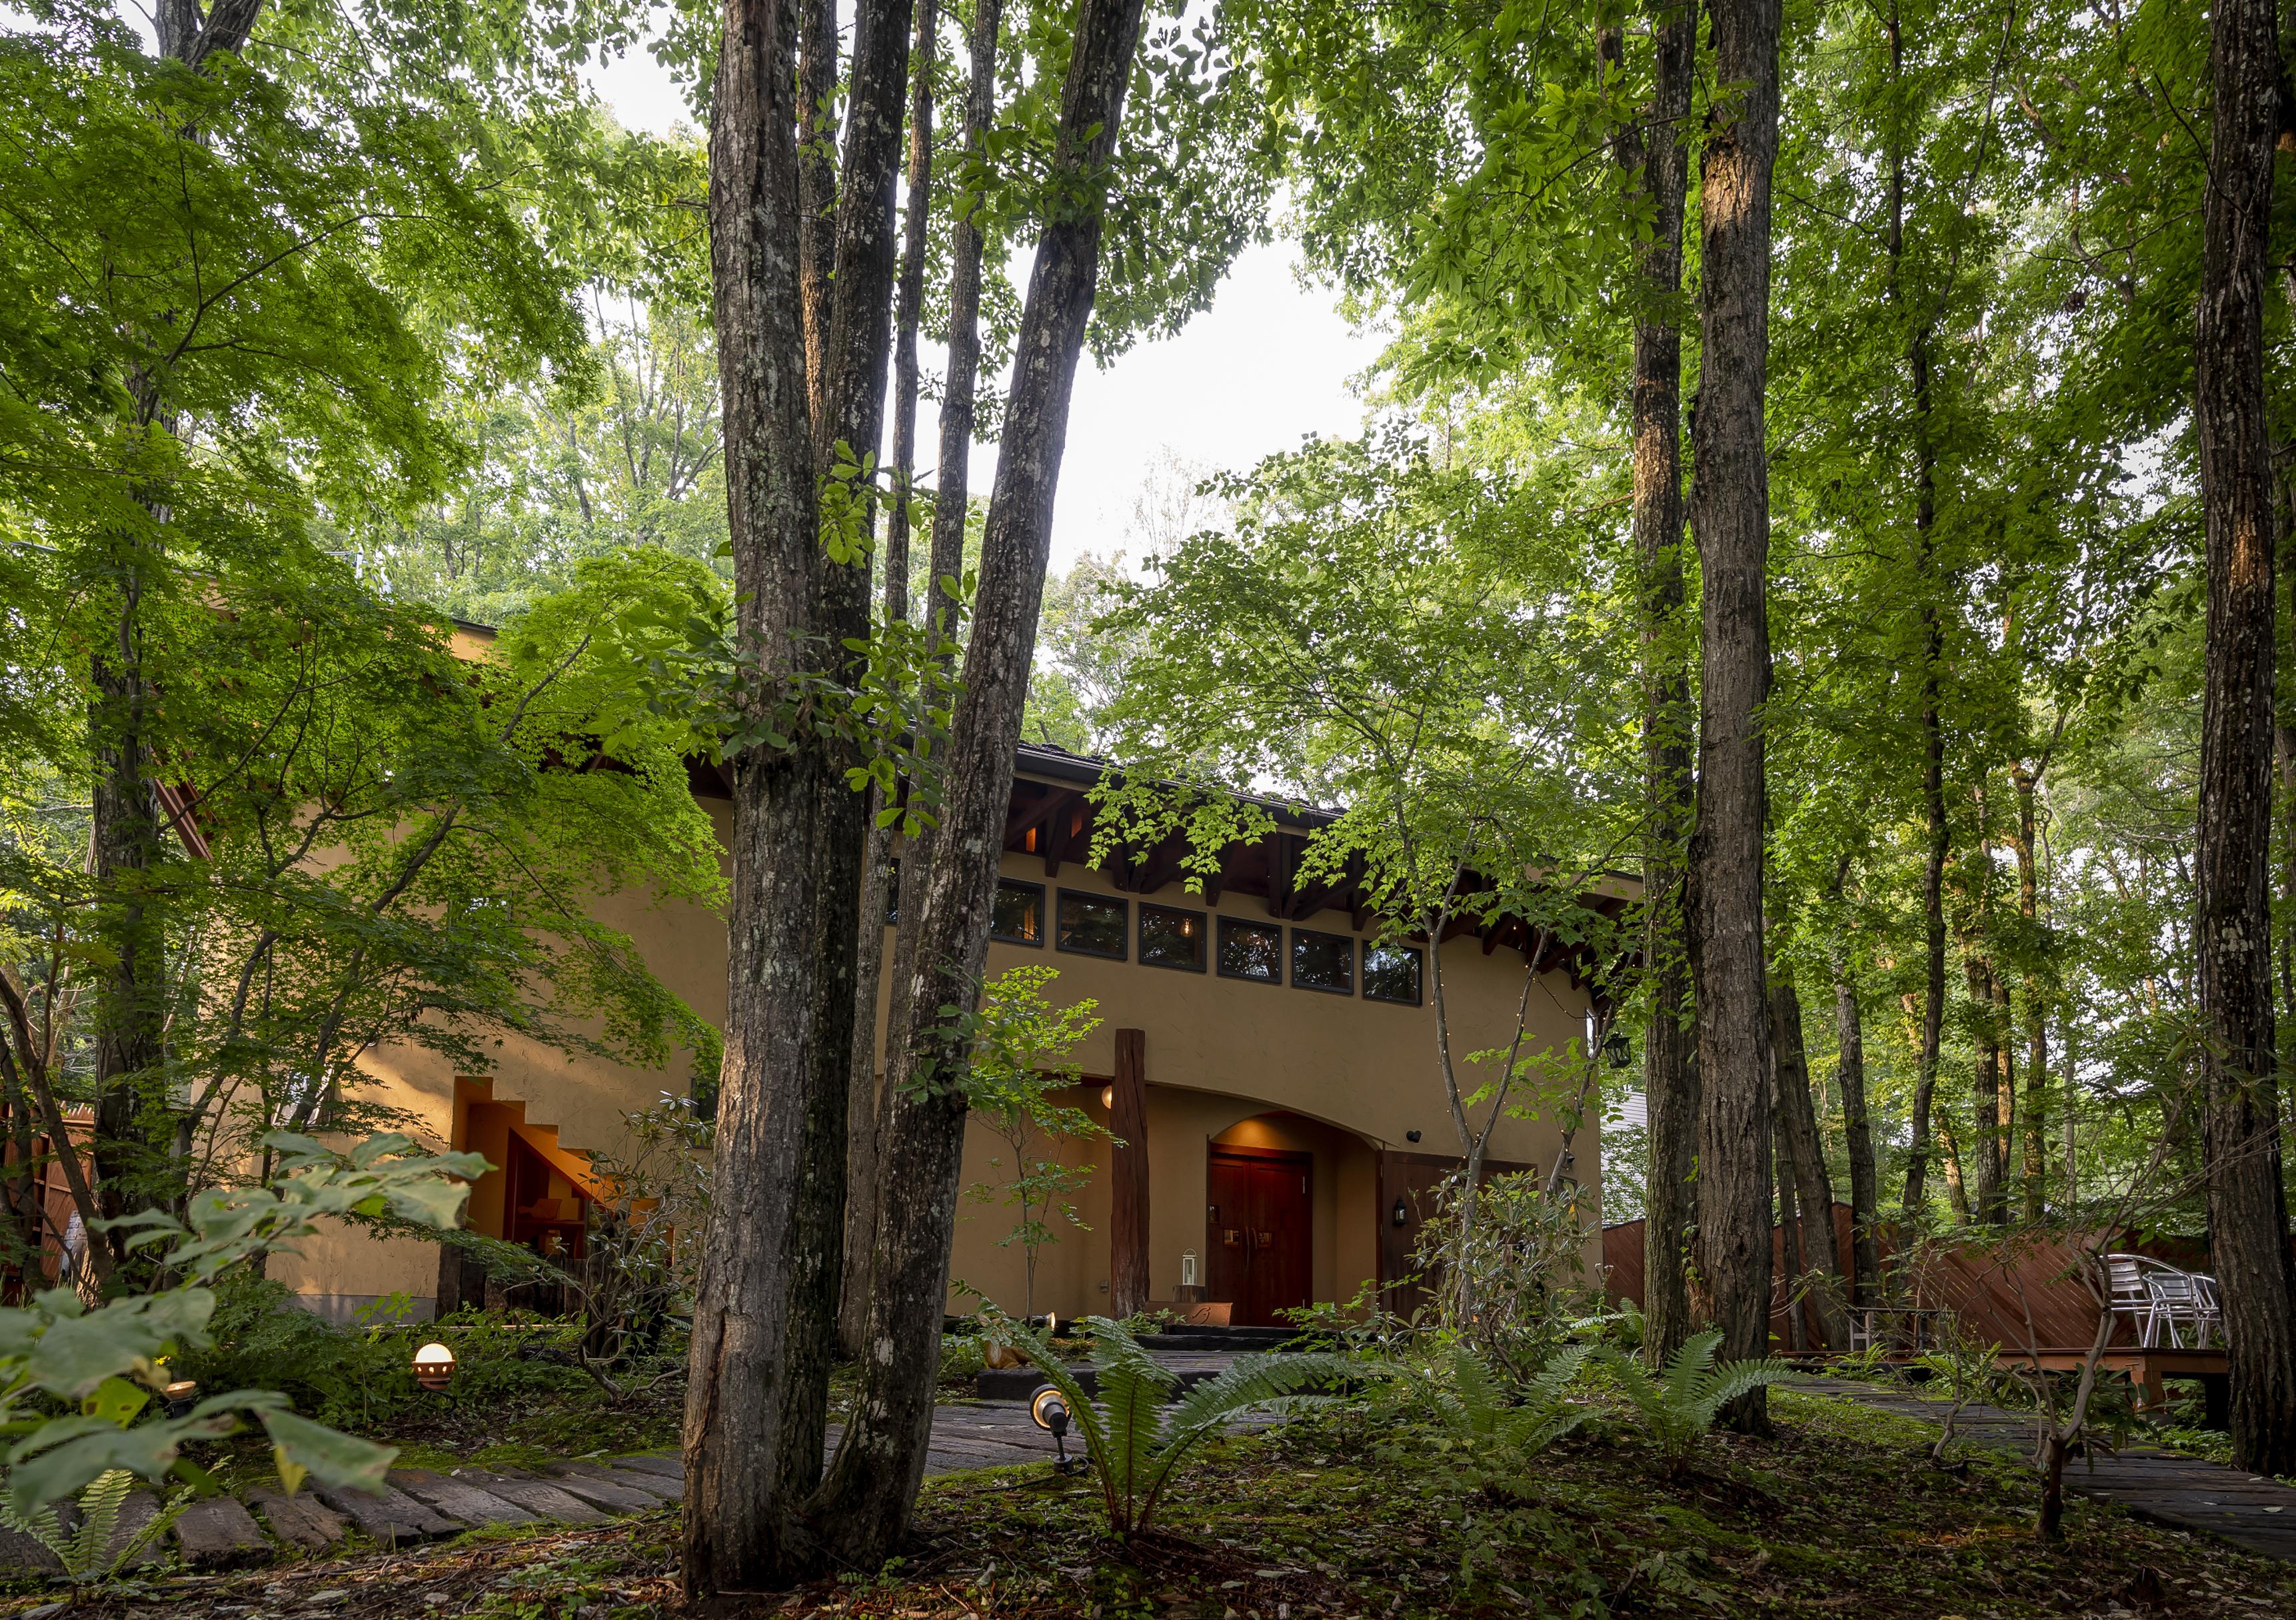 |沢屋直営レストラン こどう|<br>美しい森に抱かれたレストランで<br>NAGANO WINEのペアリングを楽しむ